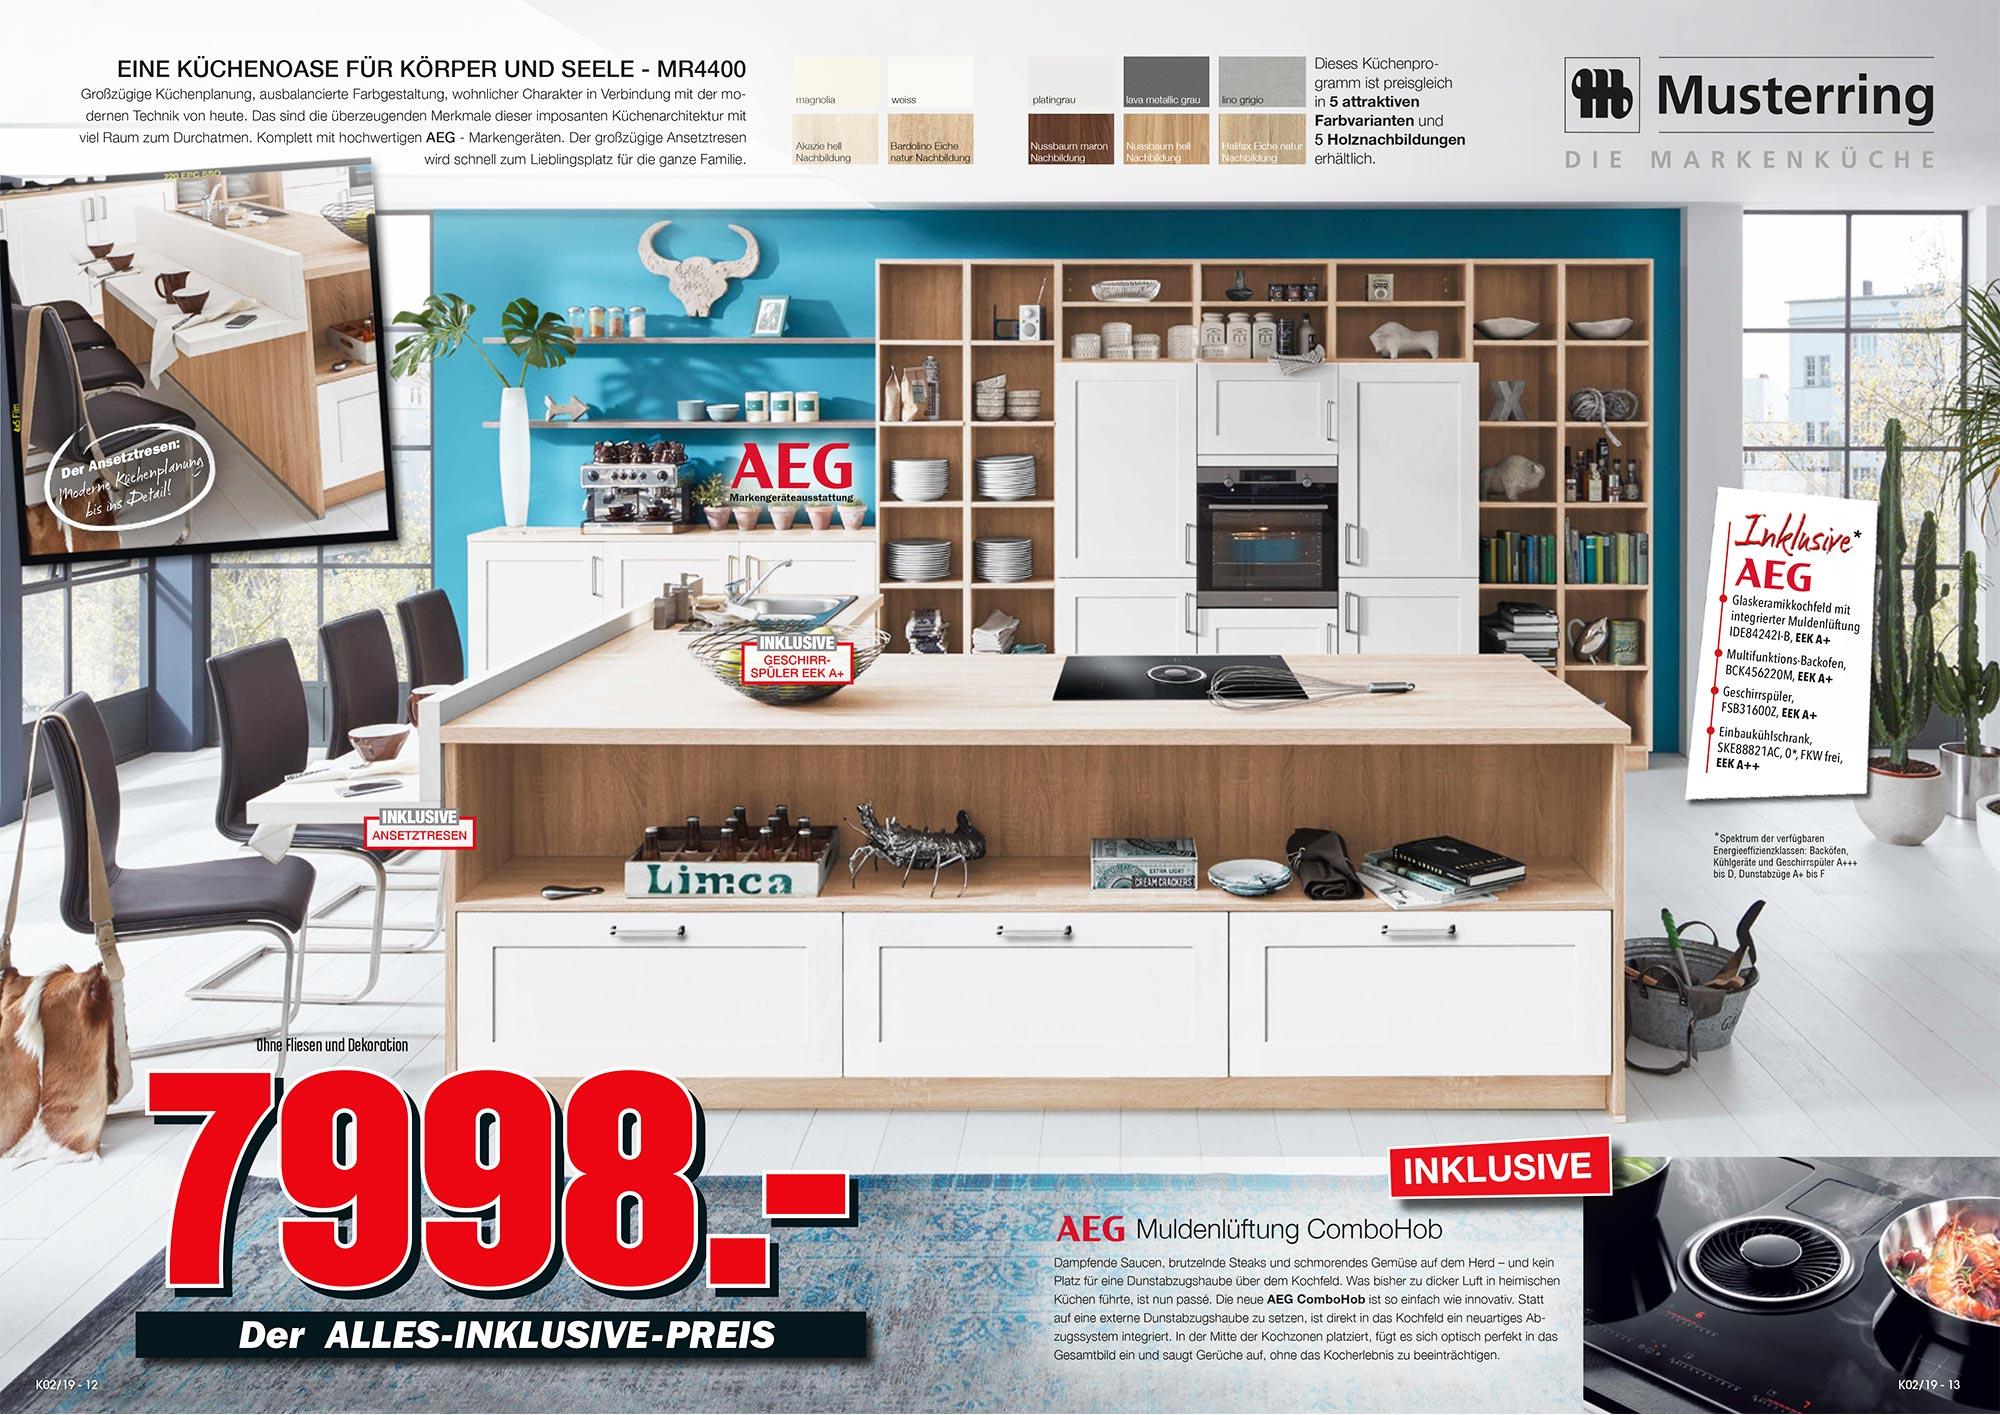 kchen quelle katalog bestellen top die neue with kchen quelle katalog bestellen katalog. Black Bedroom Furniture Sets. Home Design Ideas